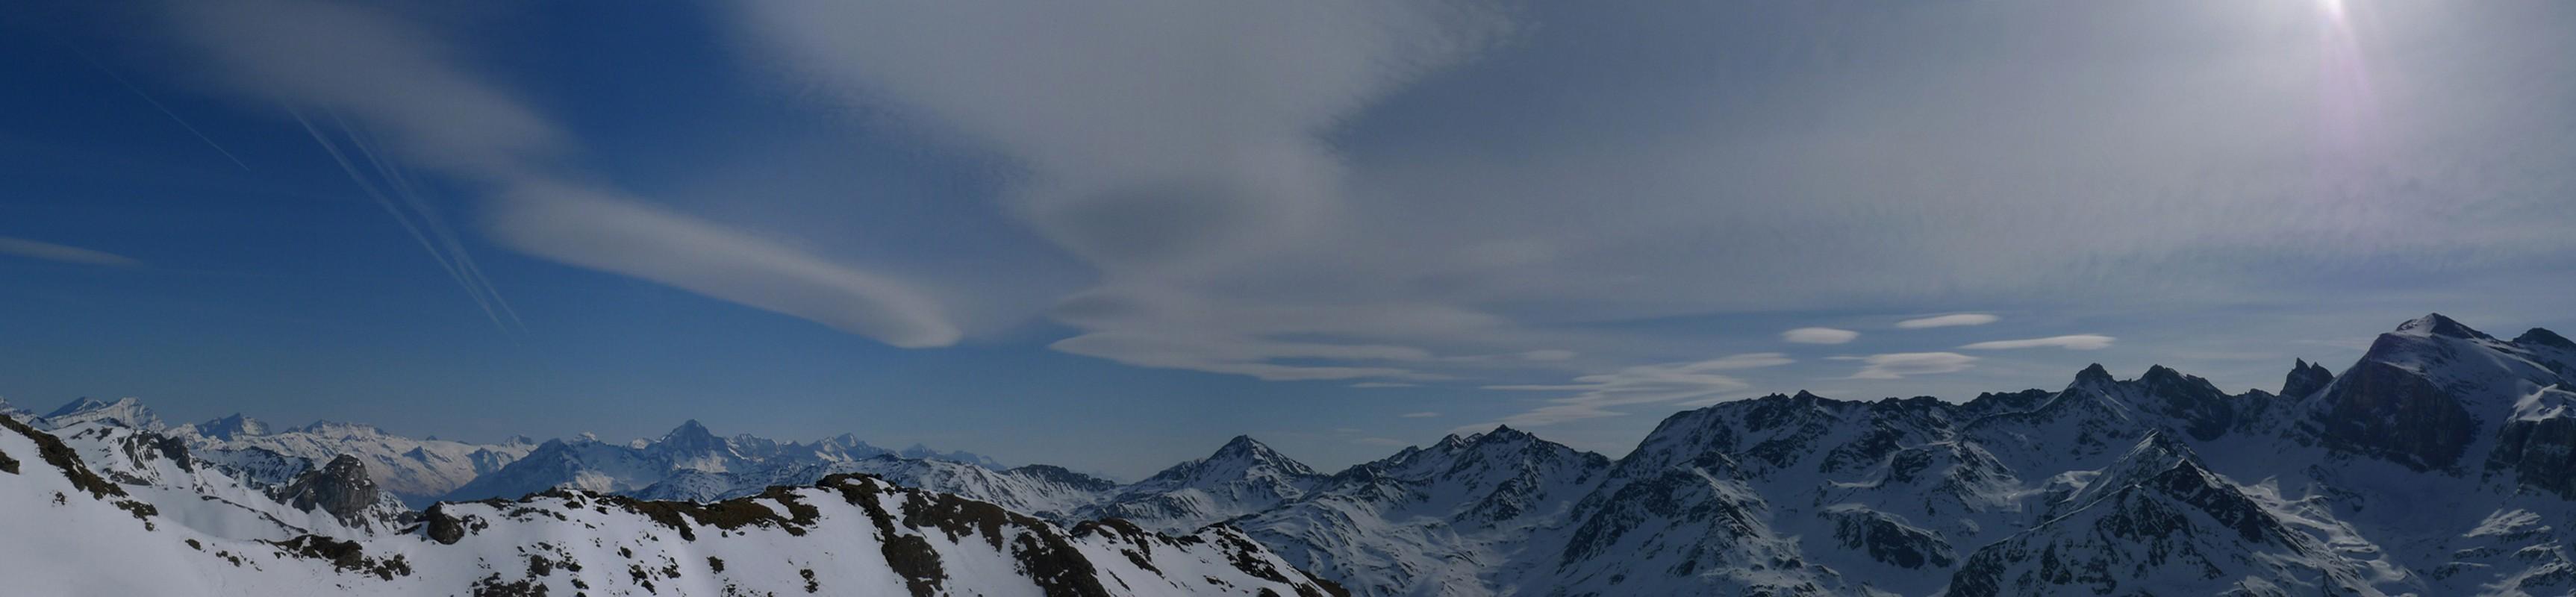 Turtmannhütte / Cabane Tourtemagne  Walliser Alpen / Alpes valaisannes Schweiz panorama 10